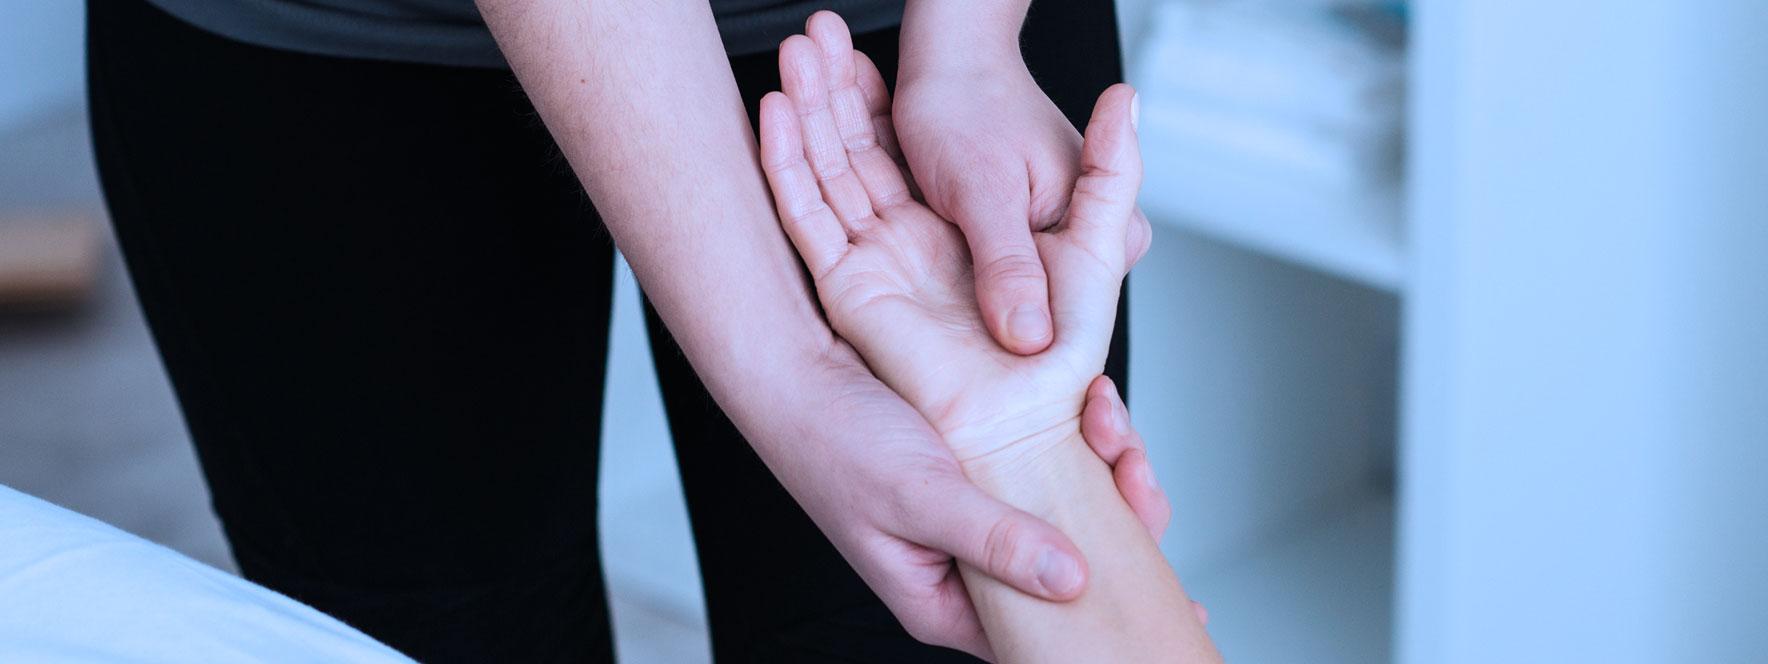 Massage de la main, soin en massothérapie pour le parkinson